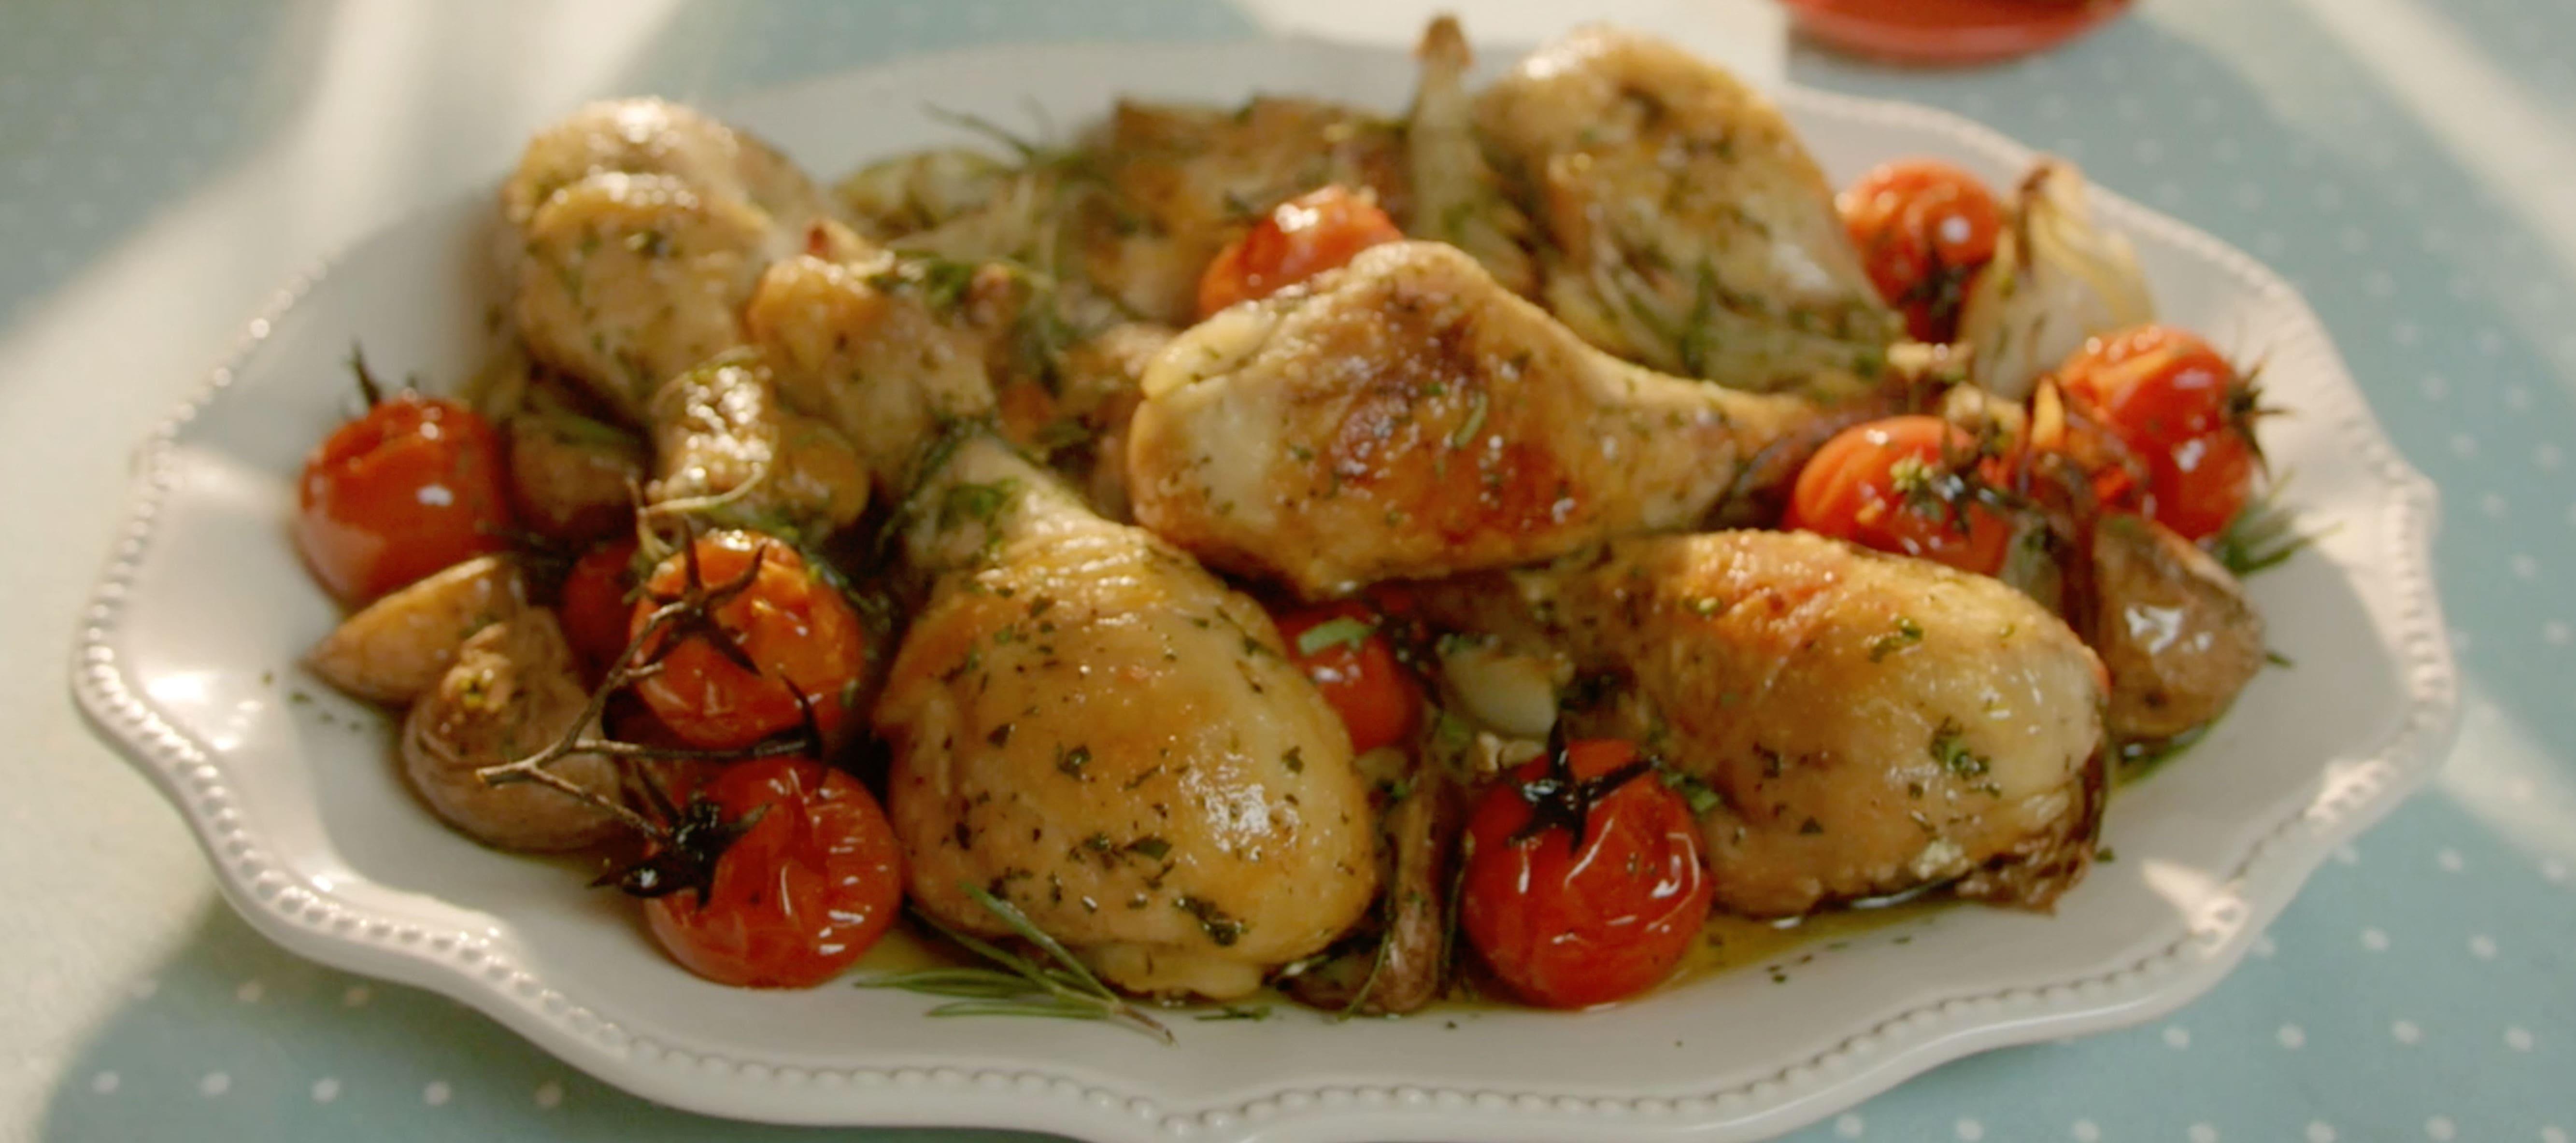 Tutitos de pollo con sabor barbacoa